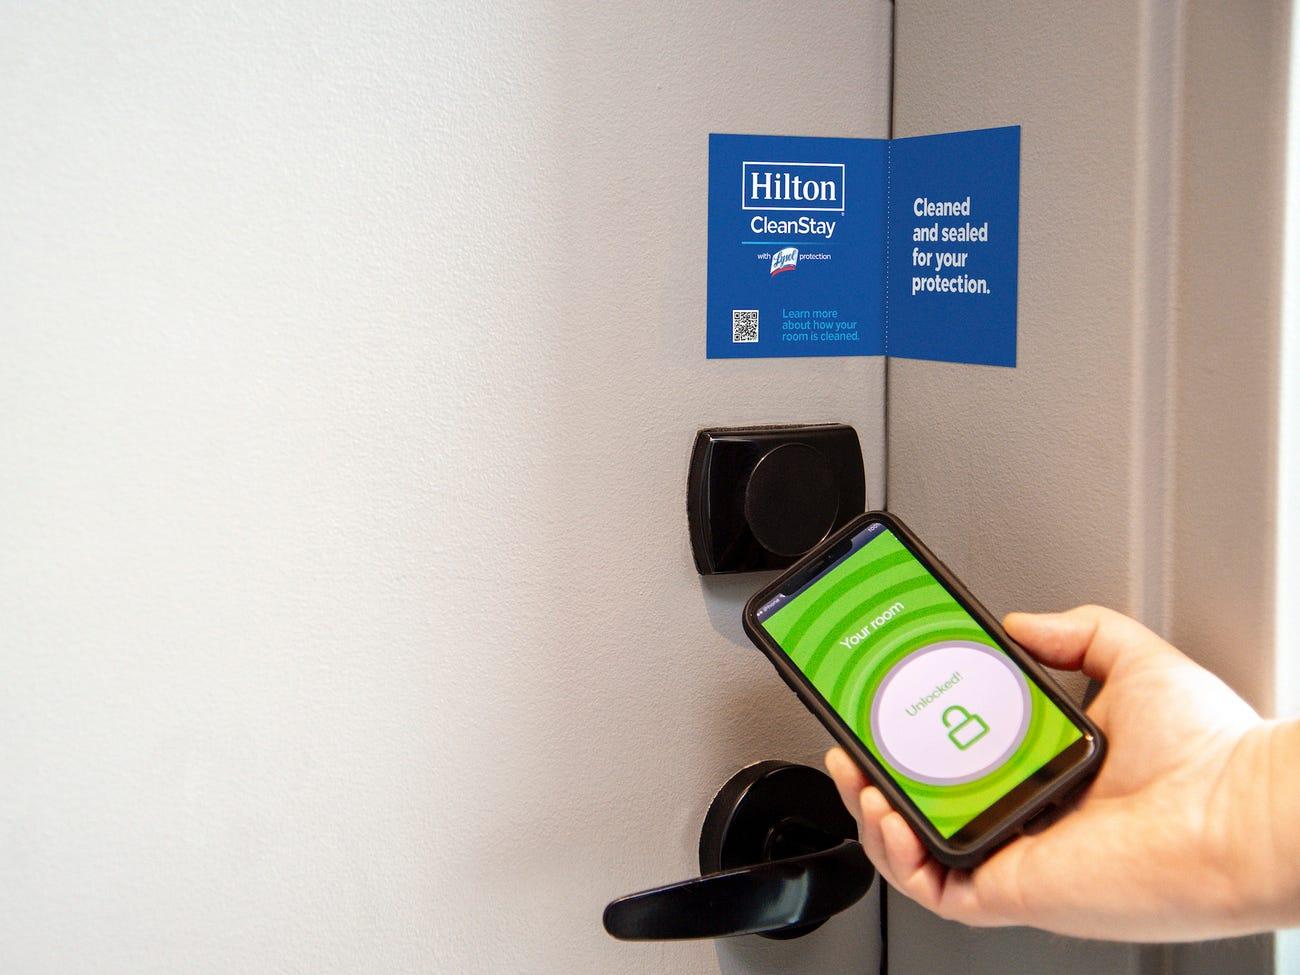 Hilton Hotel und seine initiative mit CleanStay und Lysol-Schutz